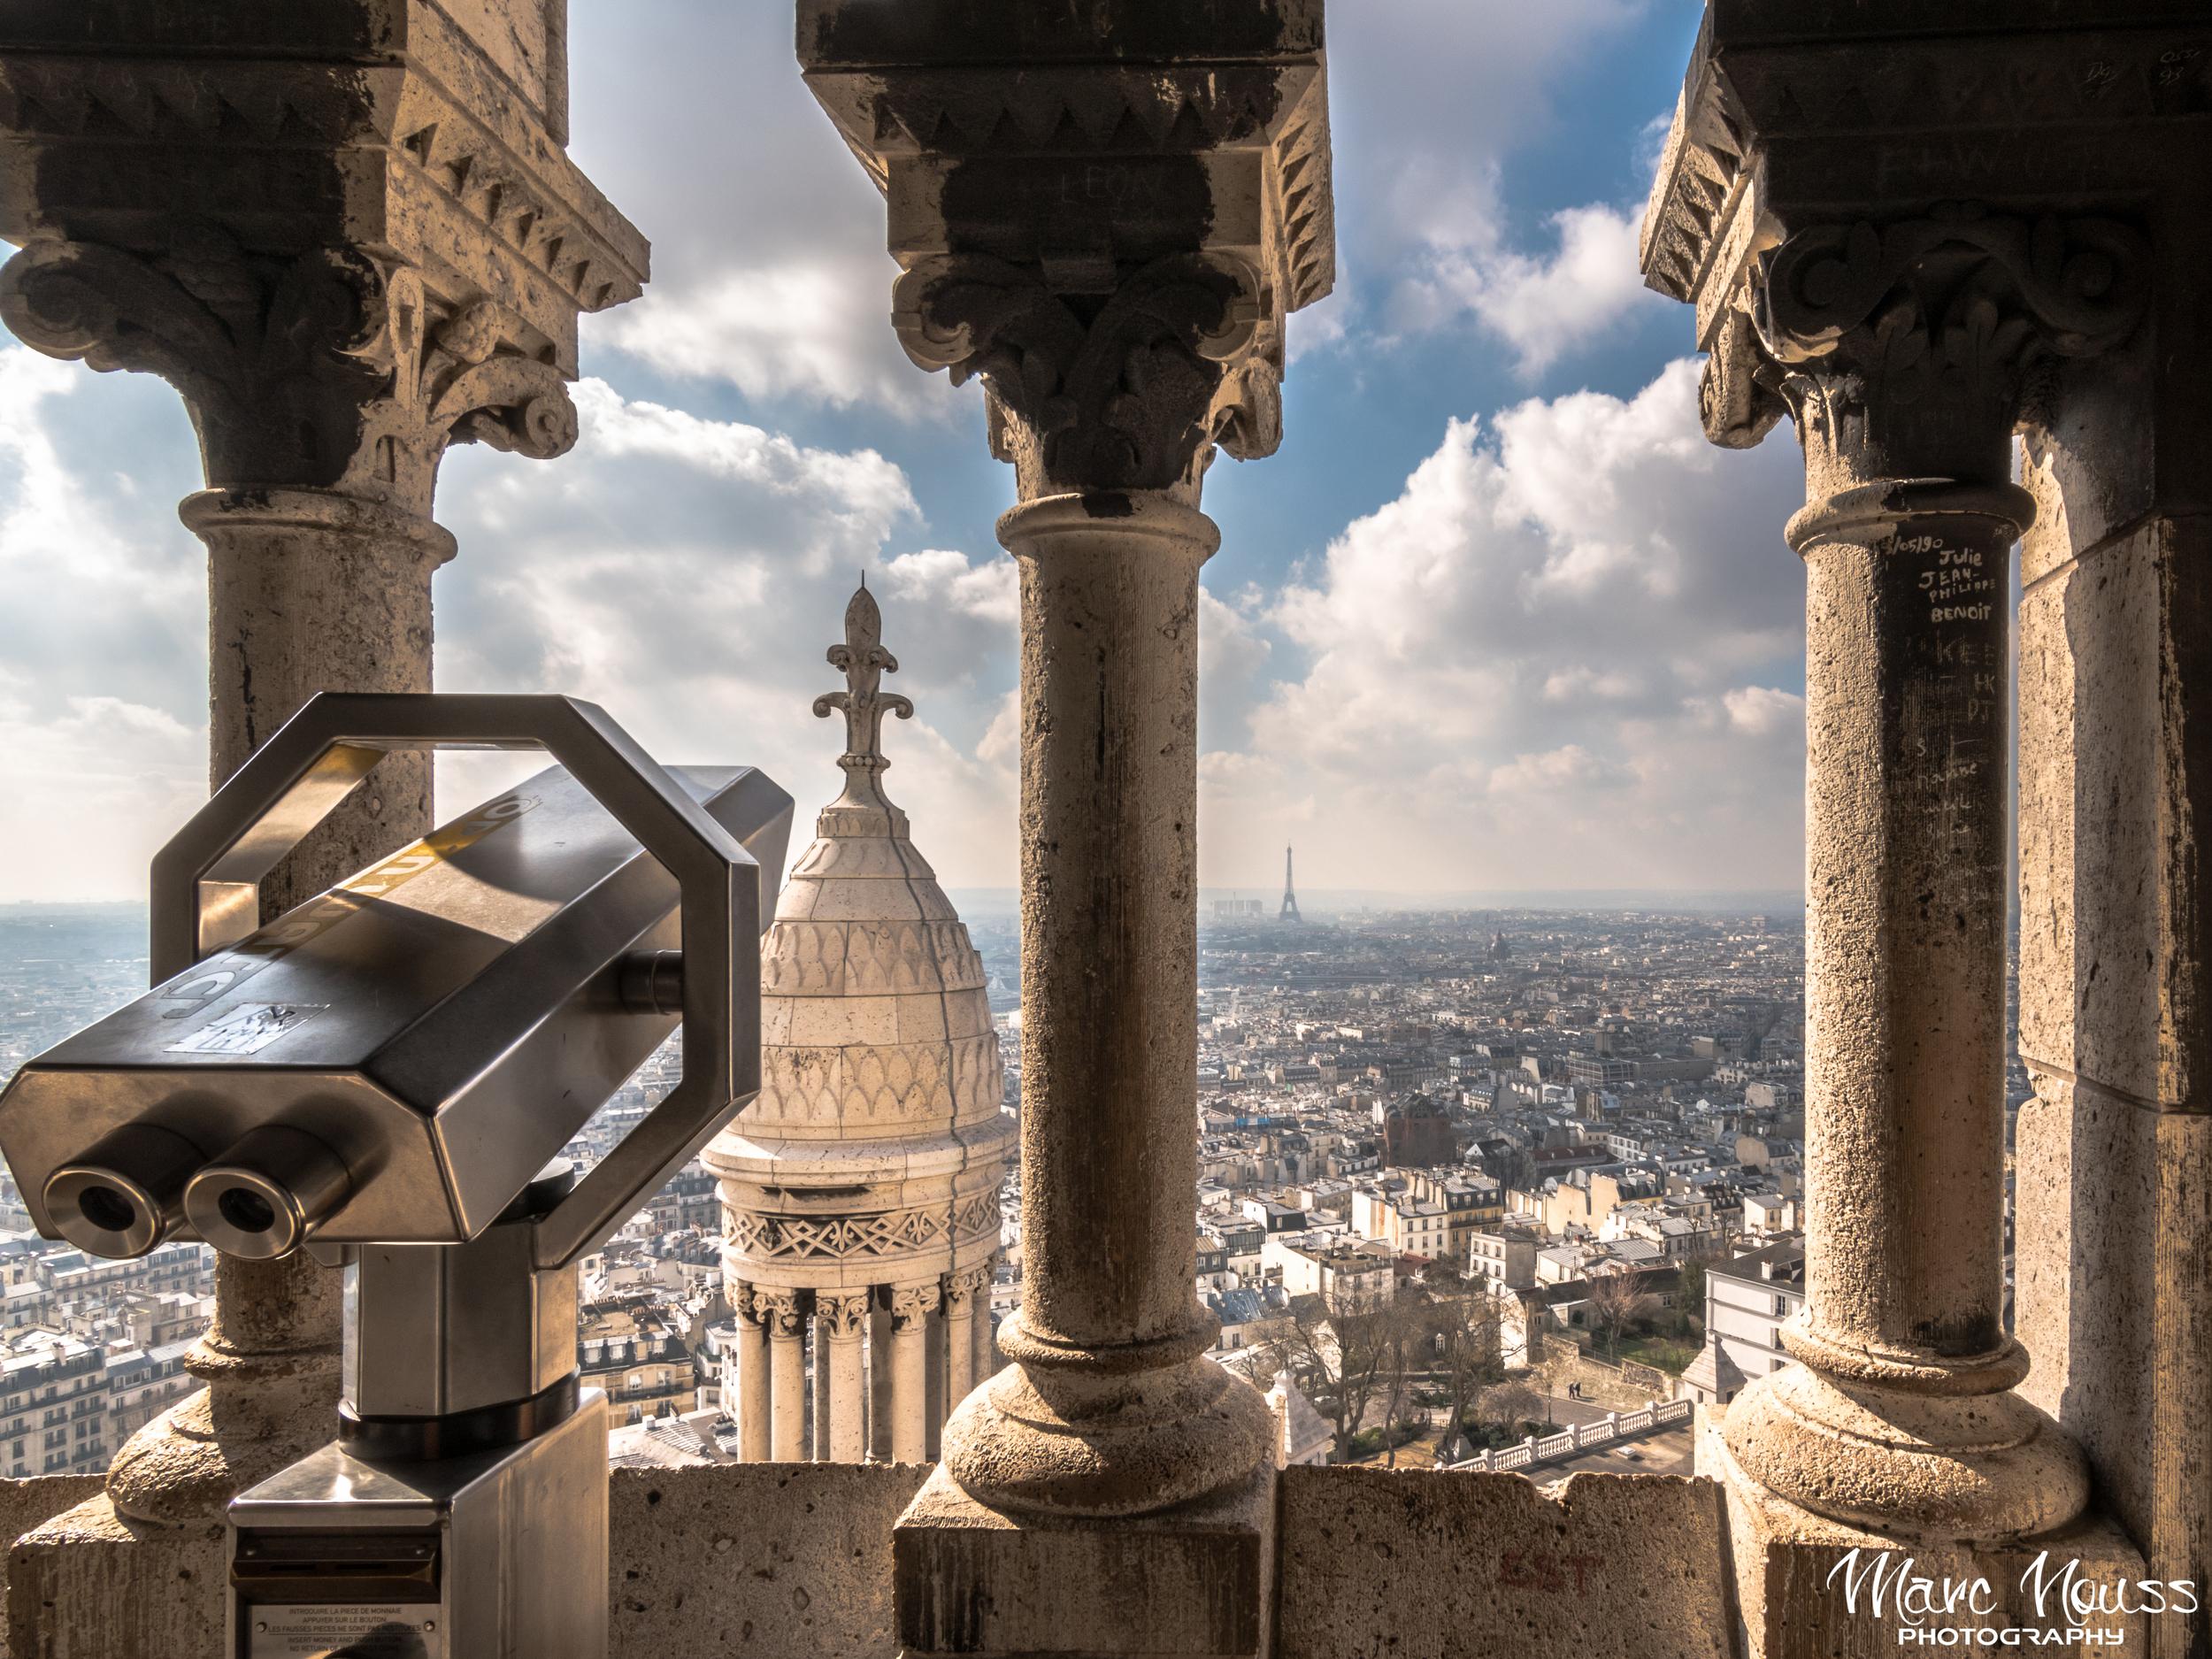 Eiffel Tower from Sacré Coeur